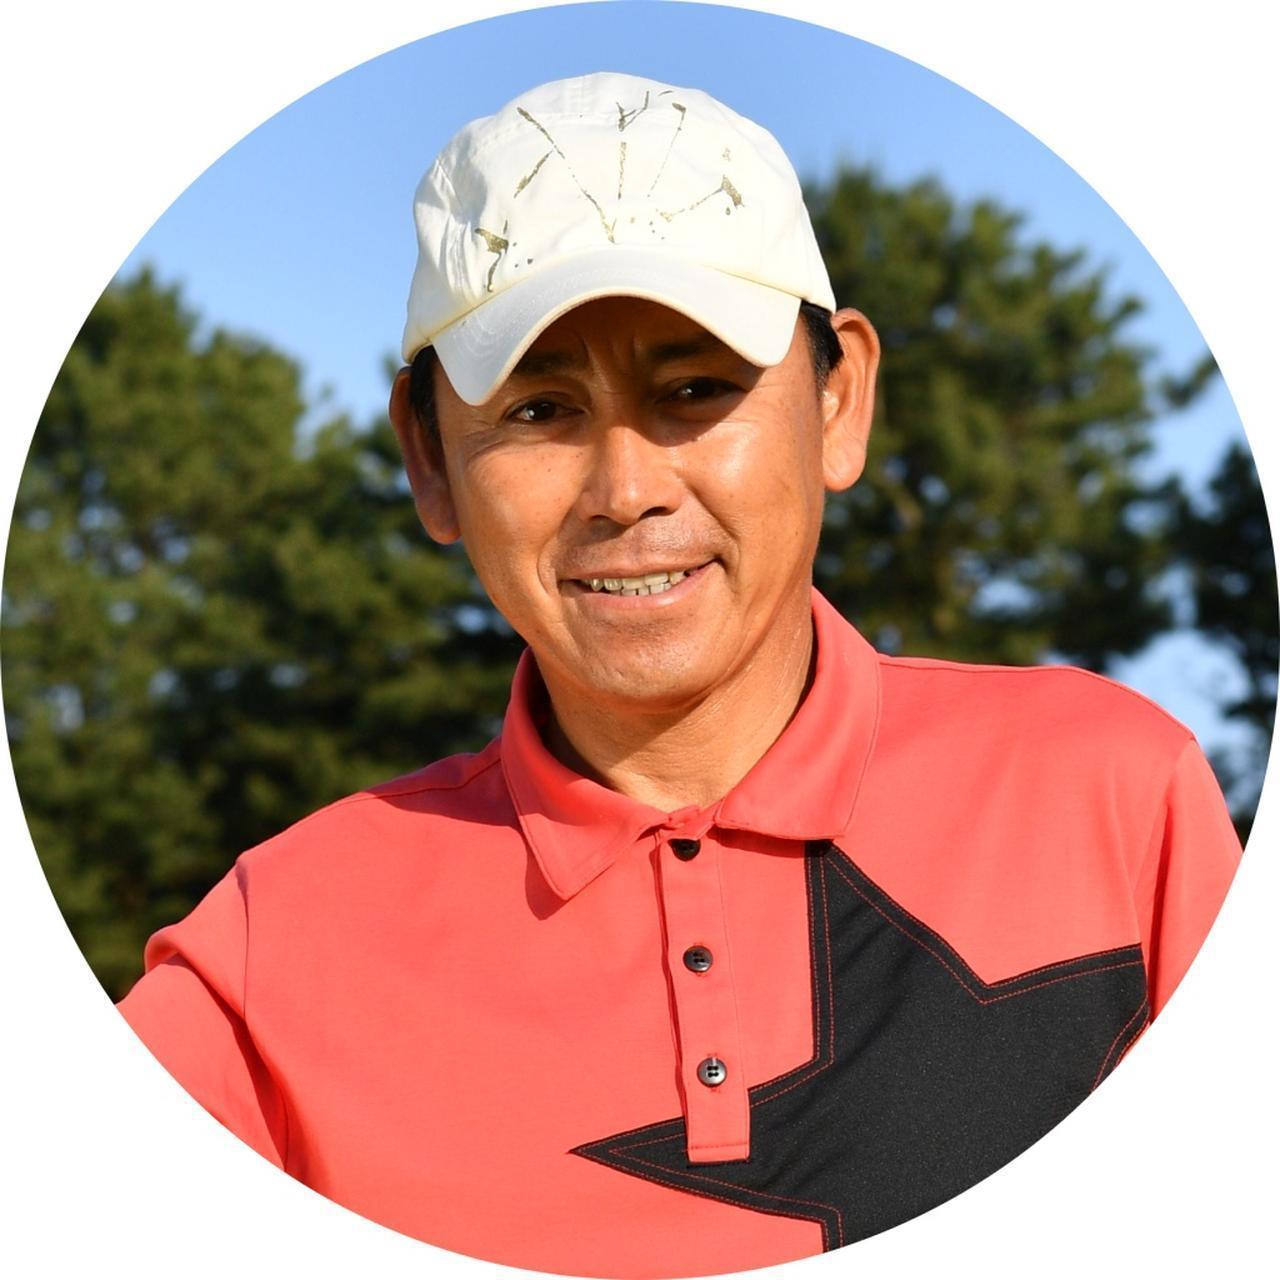 画像: 【解説】芹澤大介 せりざわだいすけ。1964年生まれ。東京都出身。現在はシニアツアーで活躍中。ショートゲームの上手さと甘いマスクはいまも健在。成田ヒルズCC所属